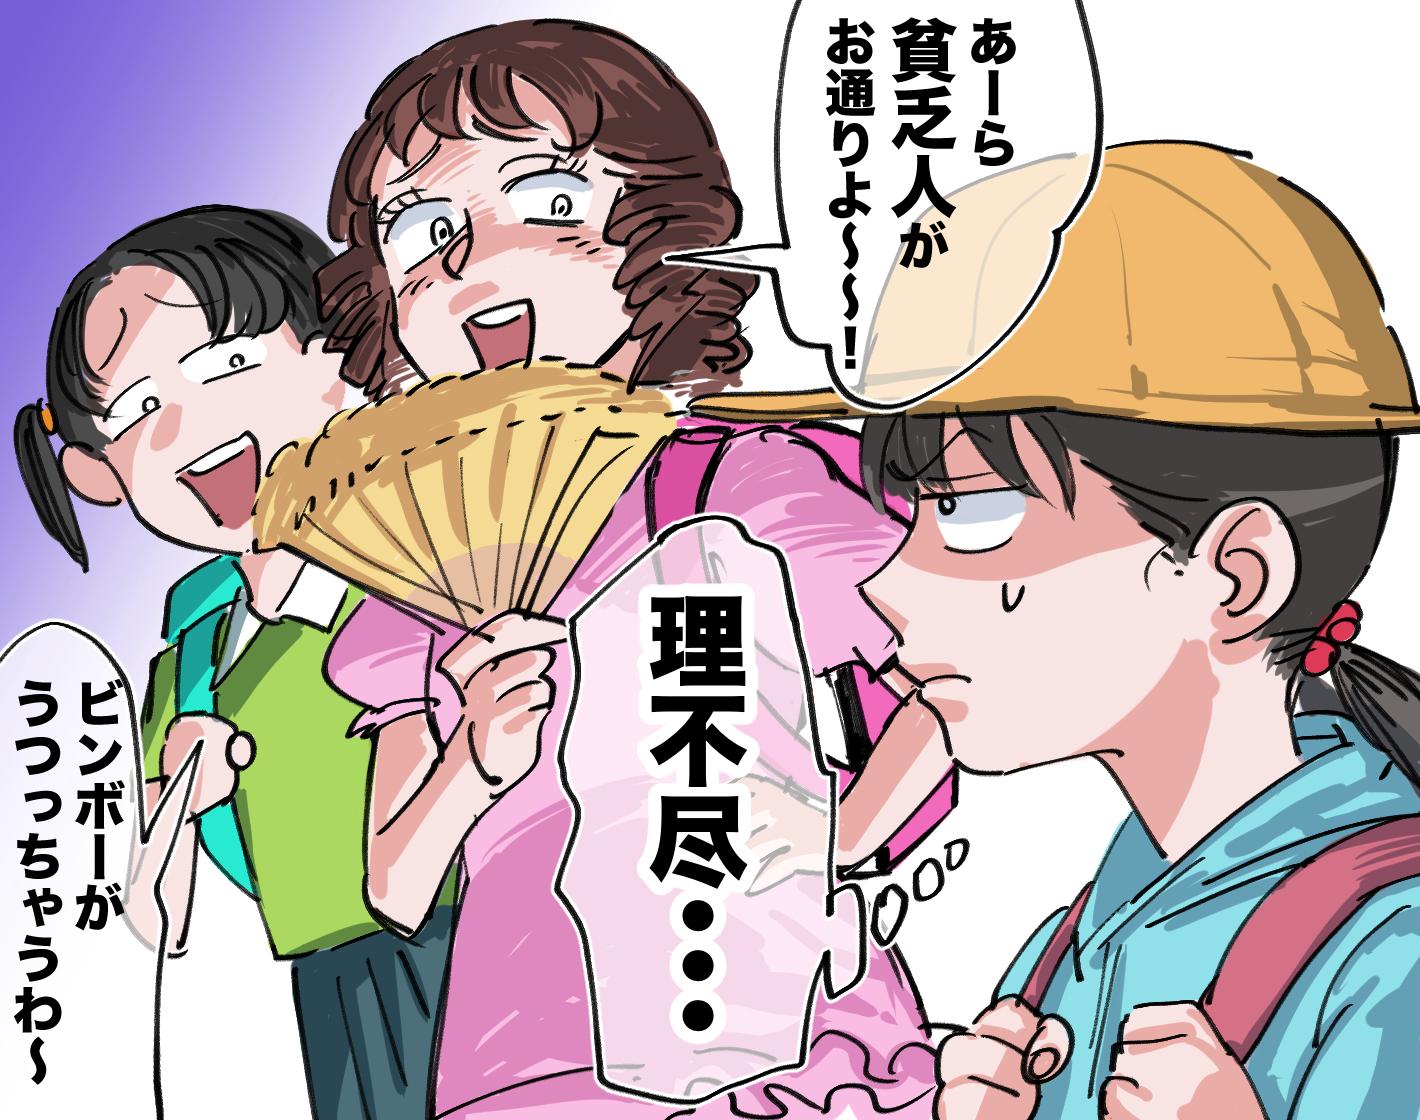 東京 高級住宅街 住まいカースト